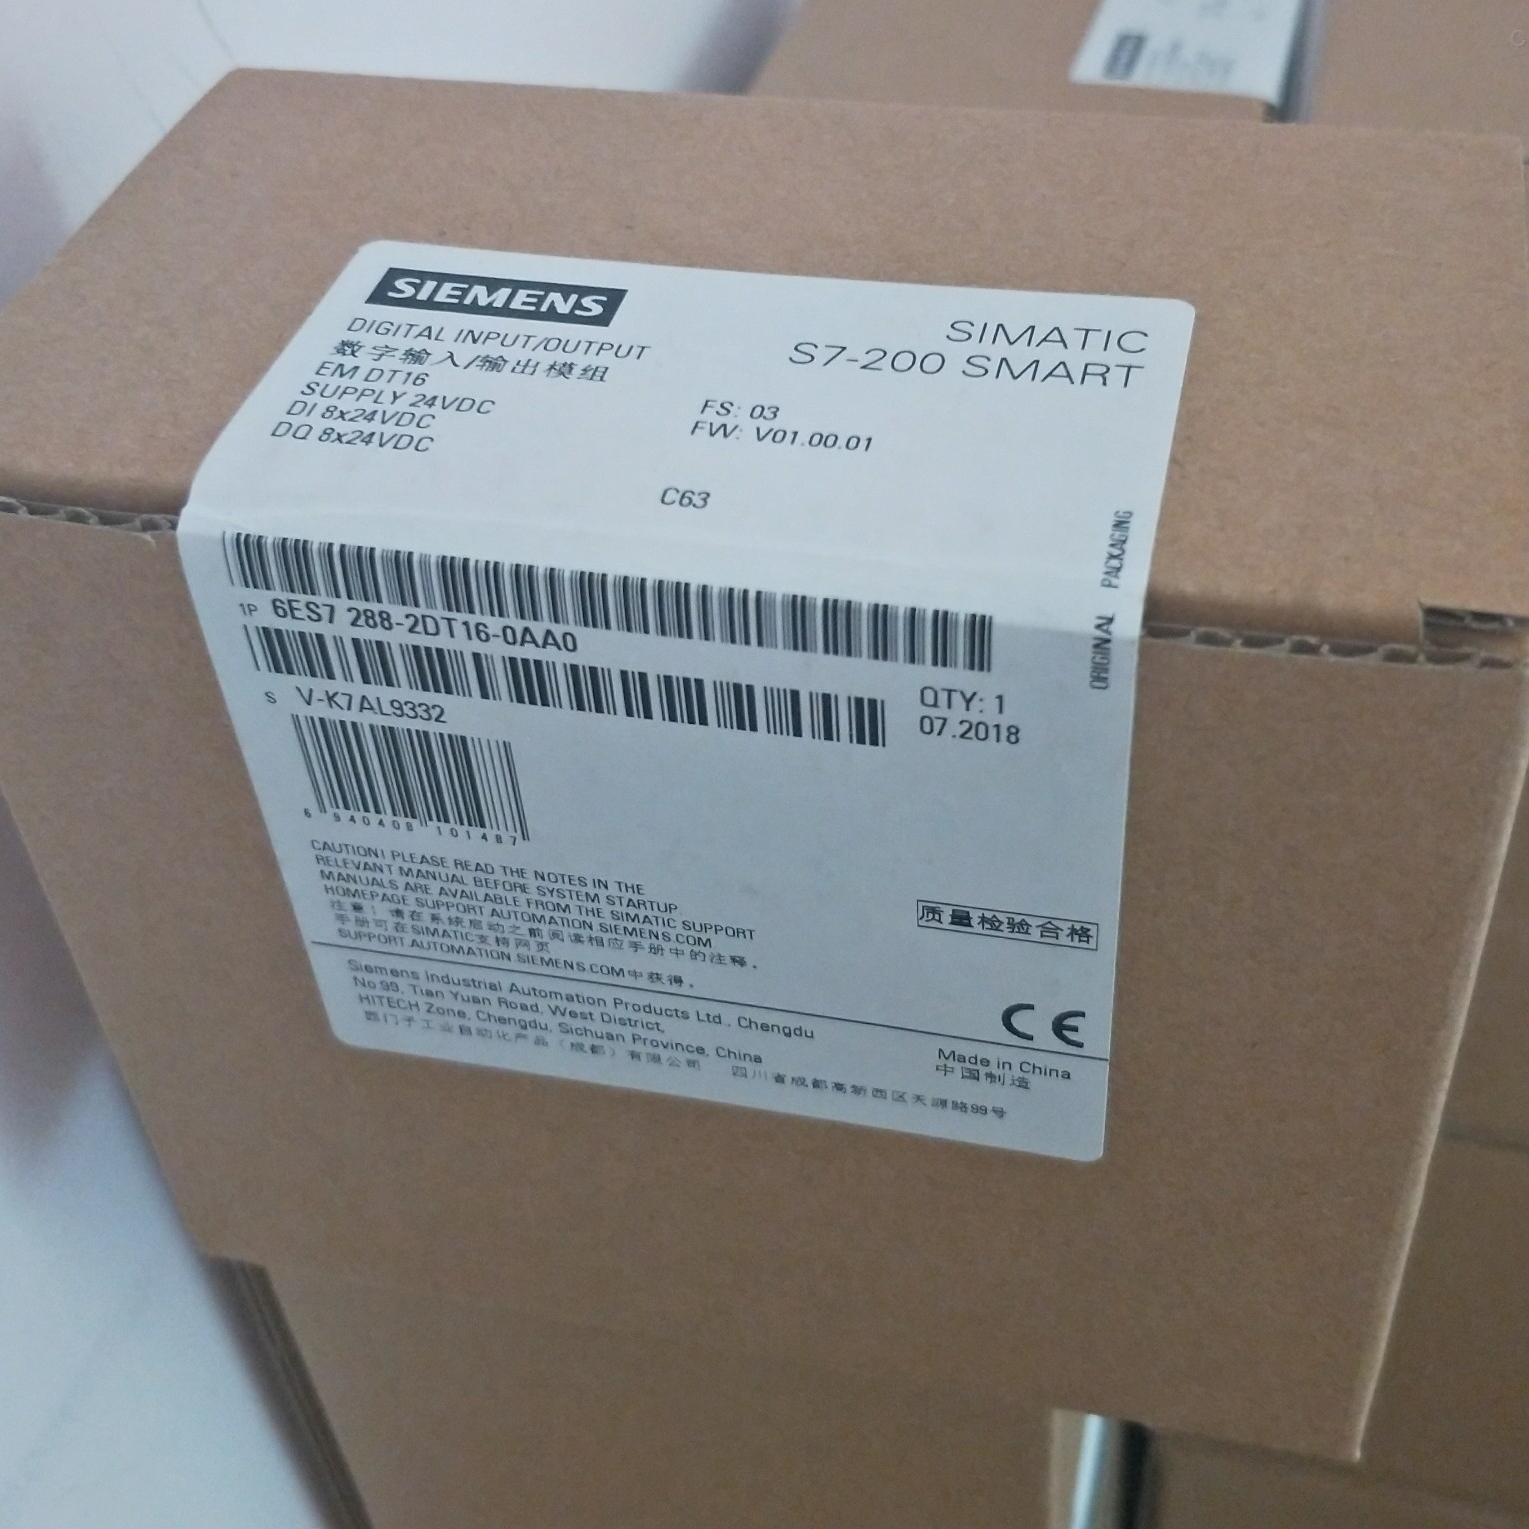 盘锦西门子S7-200 SMART模块代理商